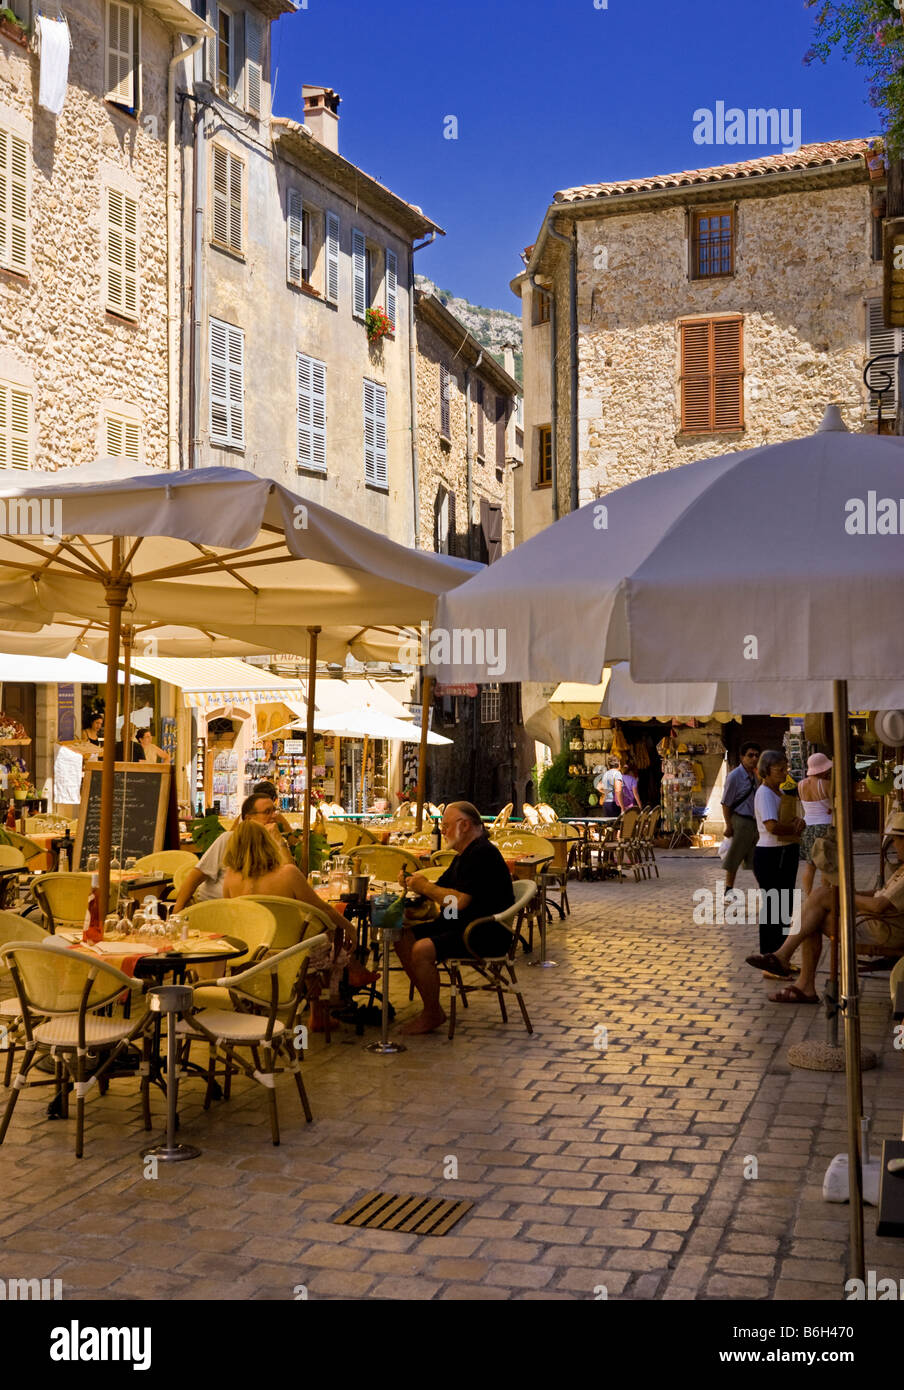 Il francese cafe bar ristoranti nella piazza della città vecchia di Vence, Cote D'Azur, Provenza, Francia, Immagini Stock